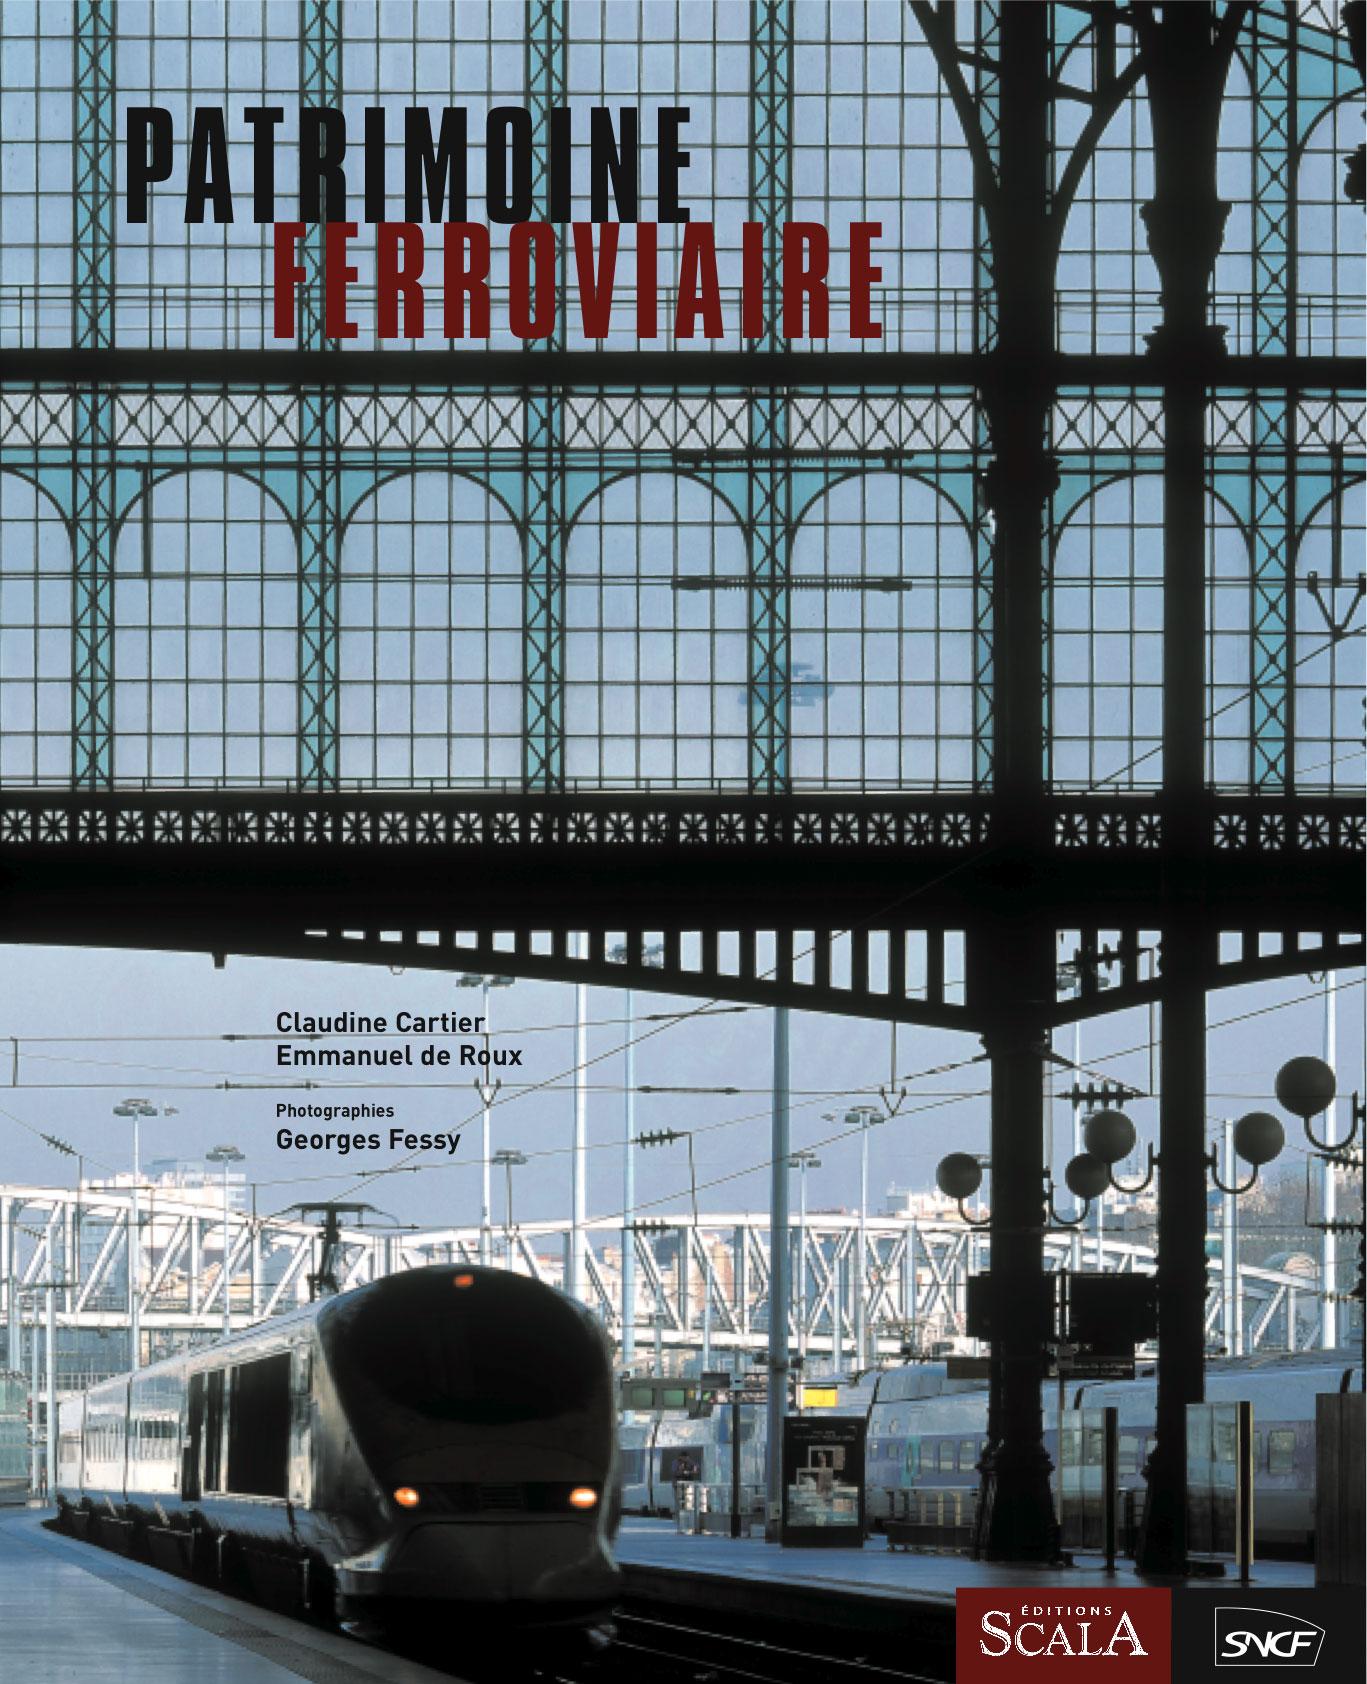 Patrimoine ferroviaire Collection « Patrimoine » Éditions Scala